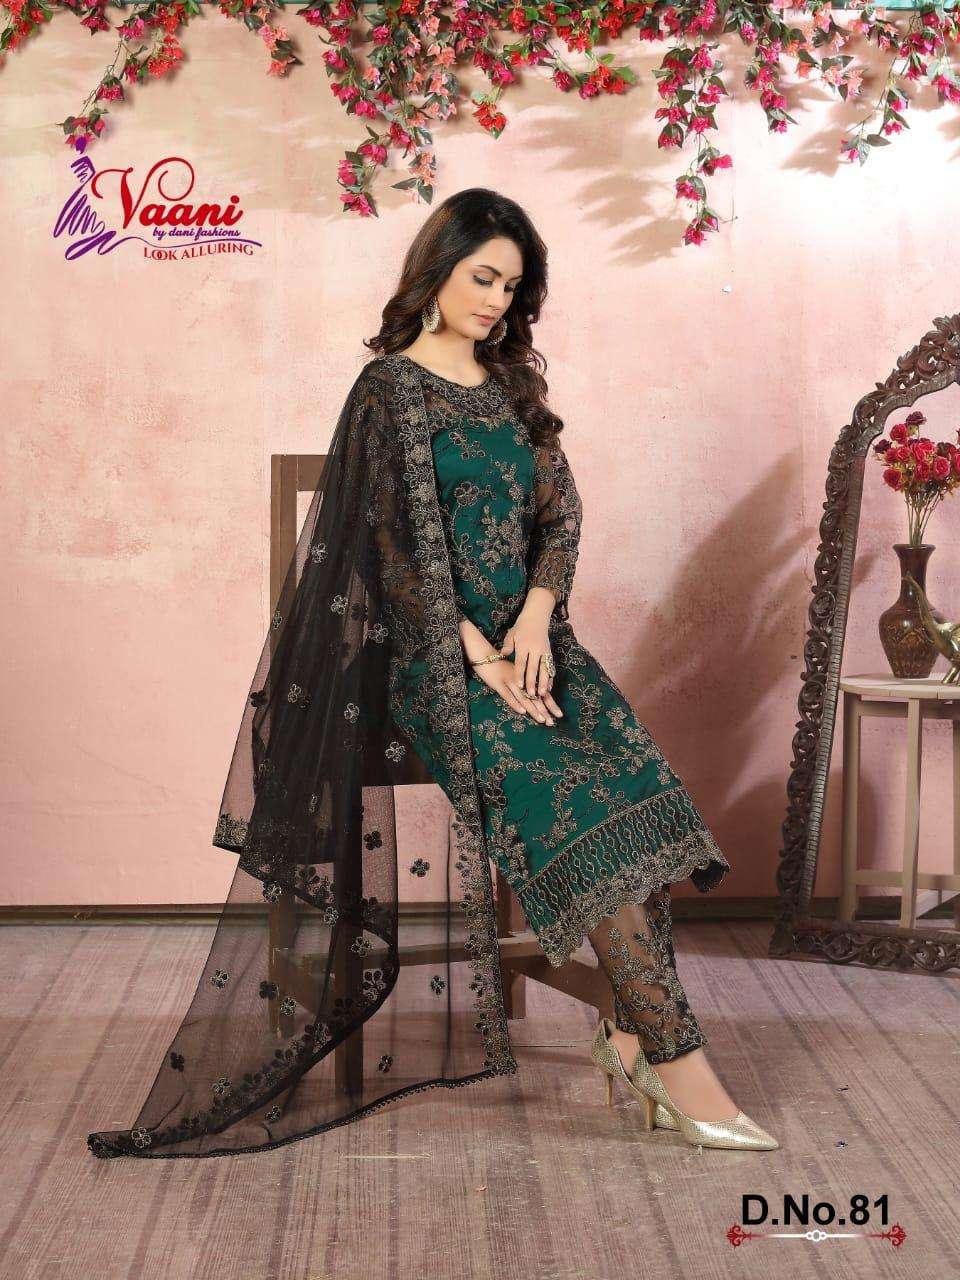 Aanaya Vaani Vol 8 Fancy Salwar kameez Wholesale Price